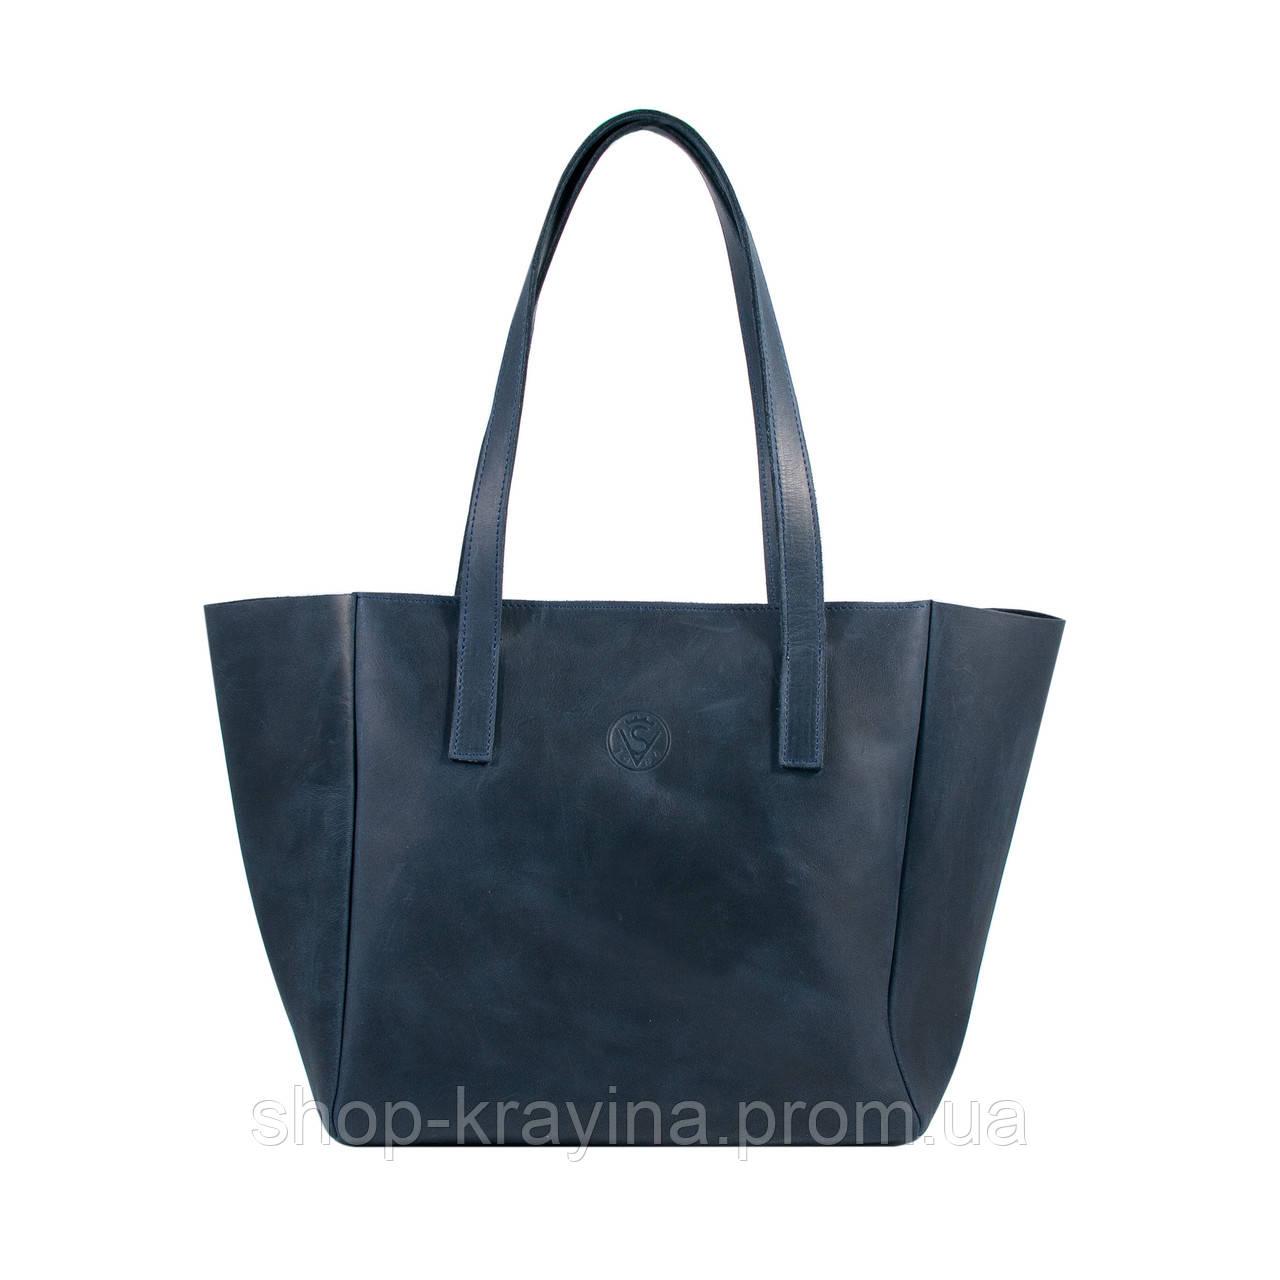 Кожаная сумка VS224 blue 36х18,5х16 см